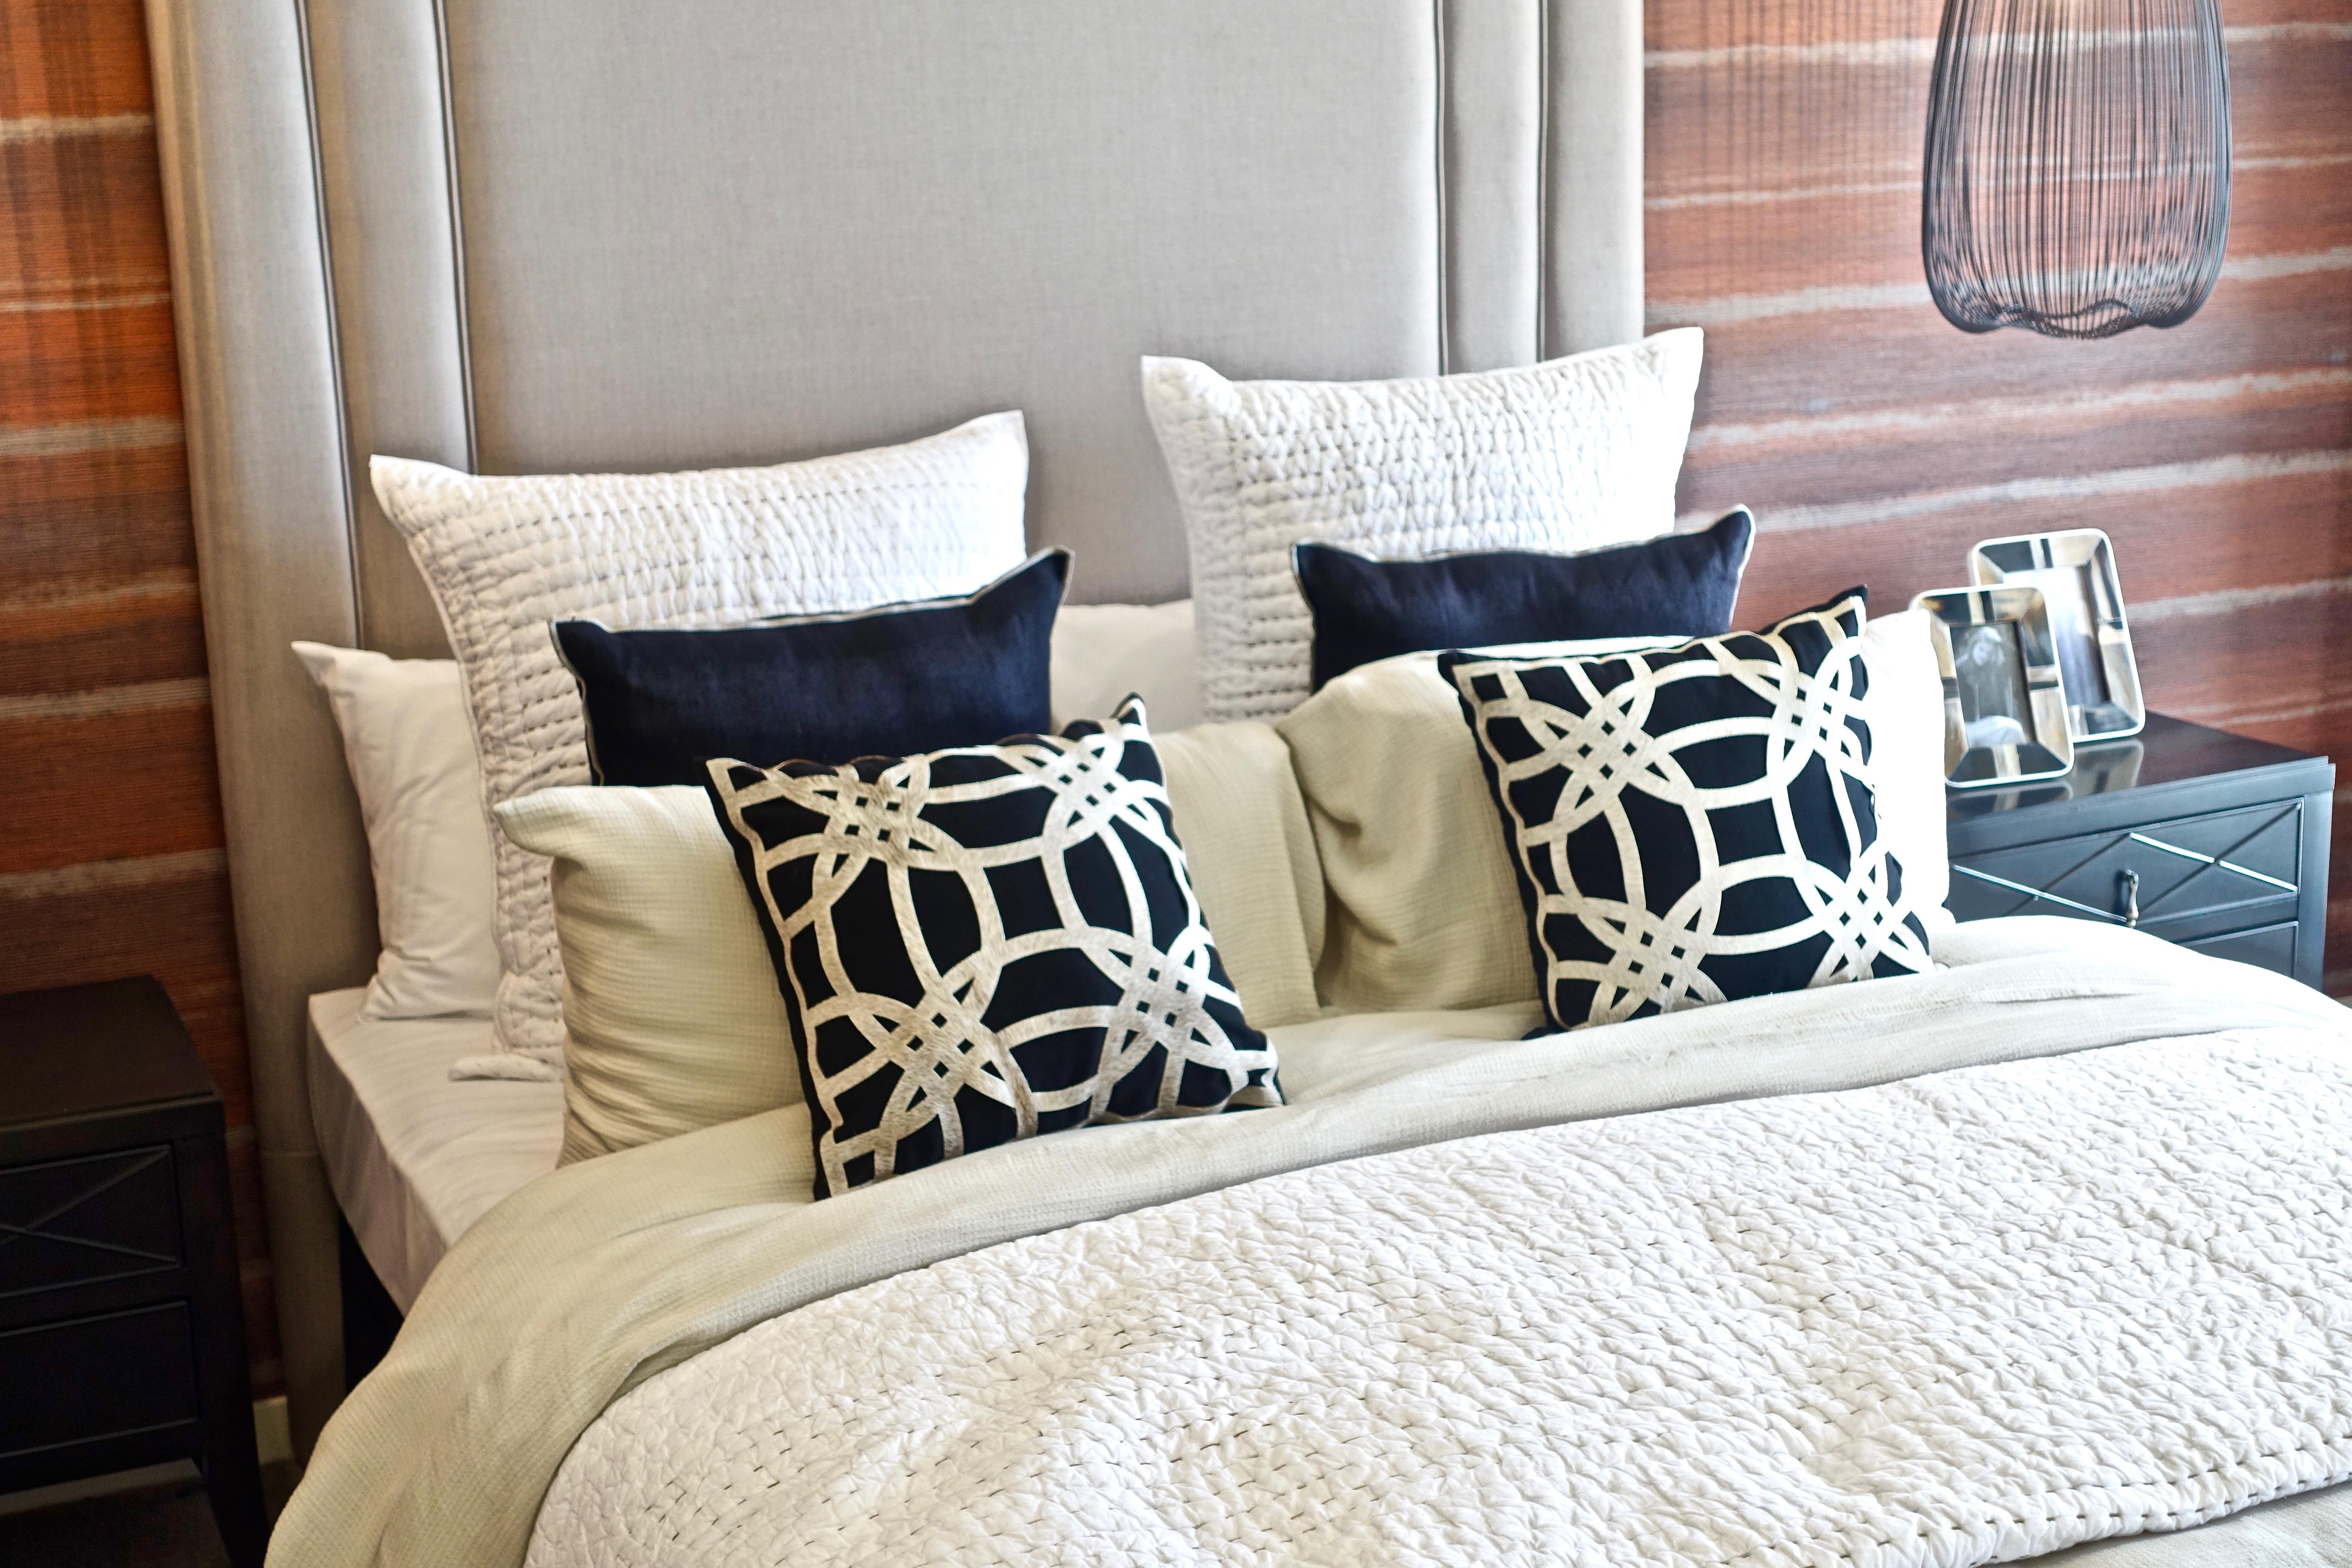 Fotos gratis : sala, residencial, mueble, habitación, estilo de vida ...